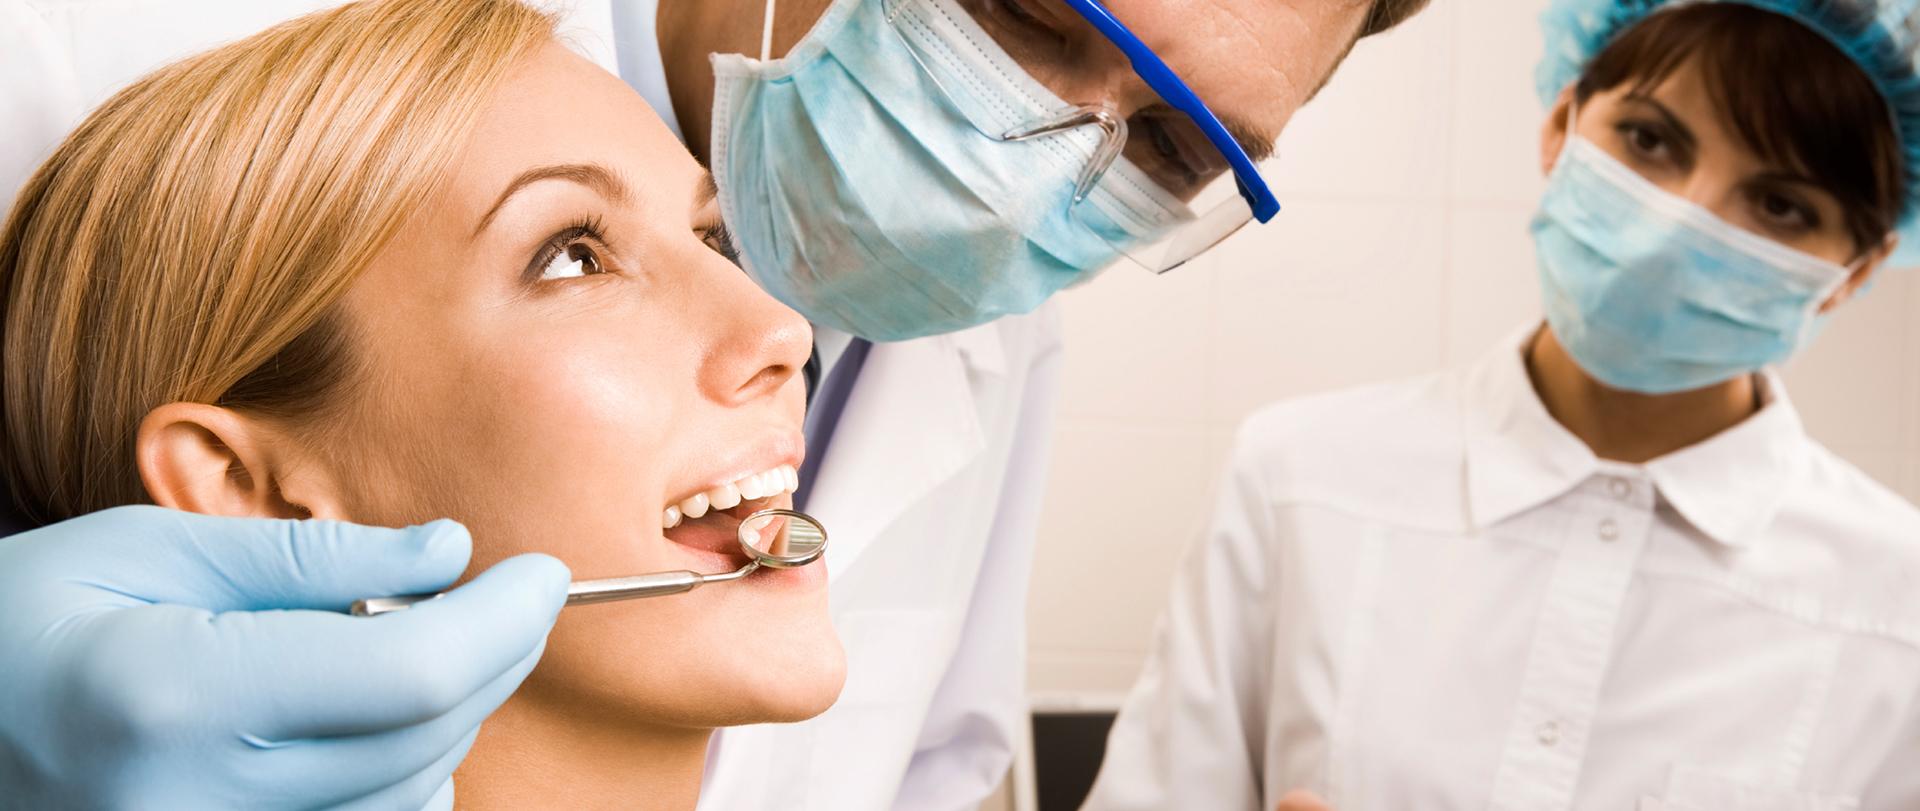 Ortodont samoplačniško